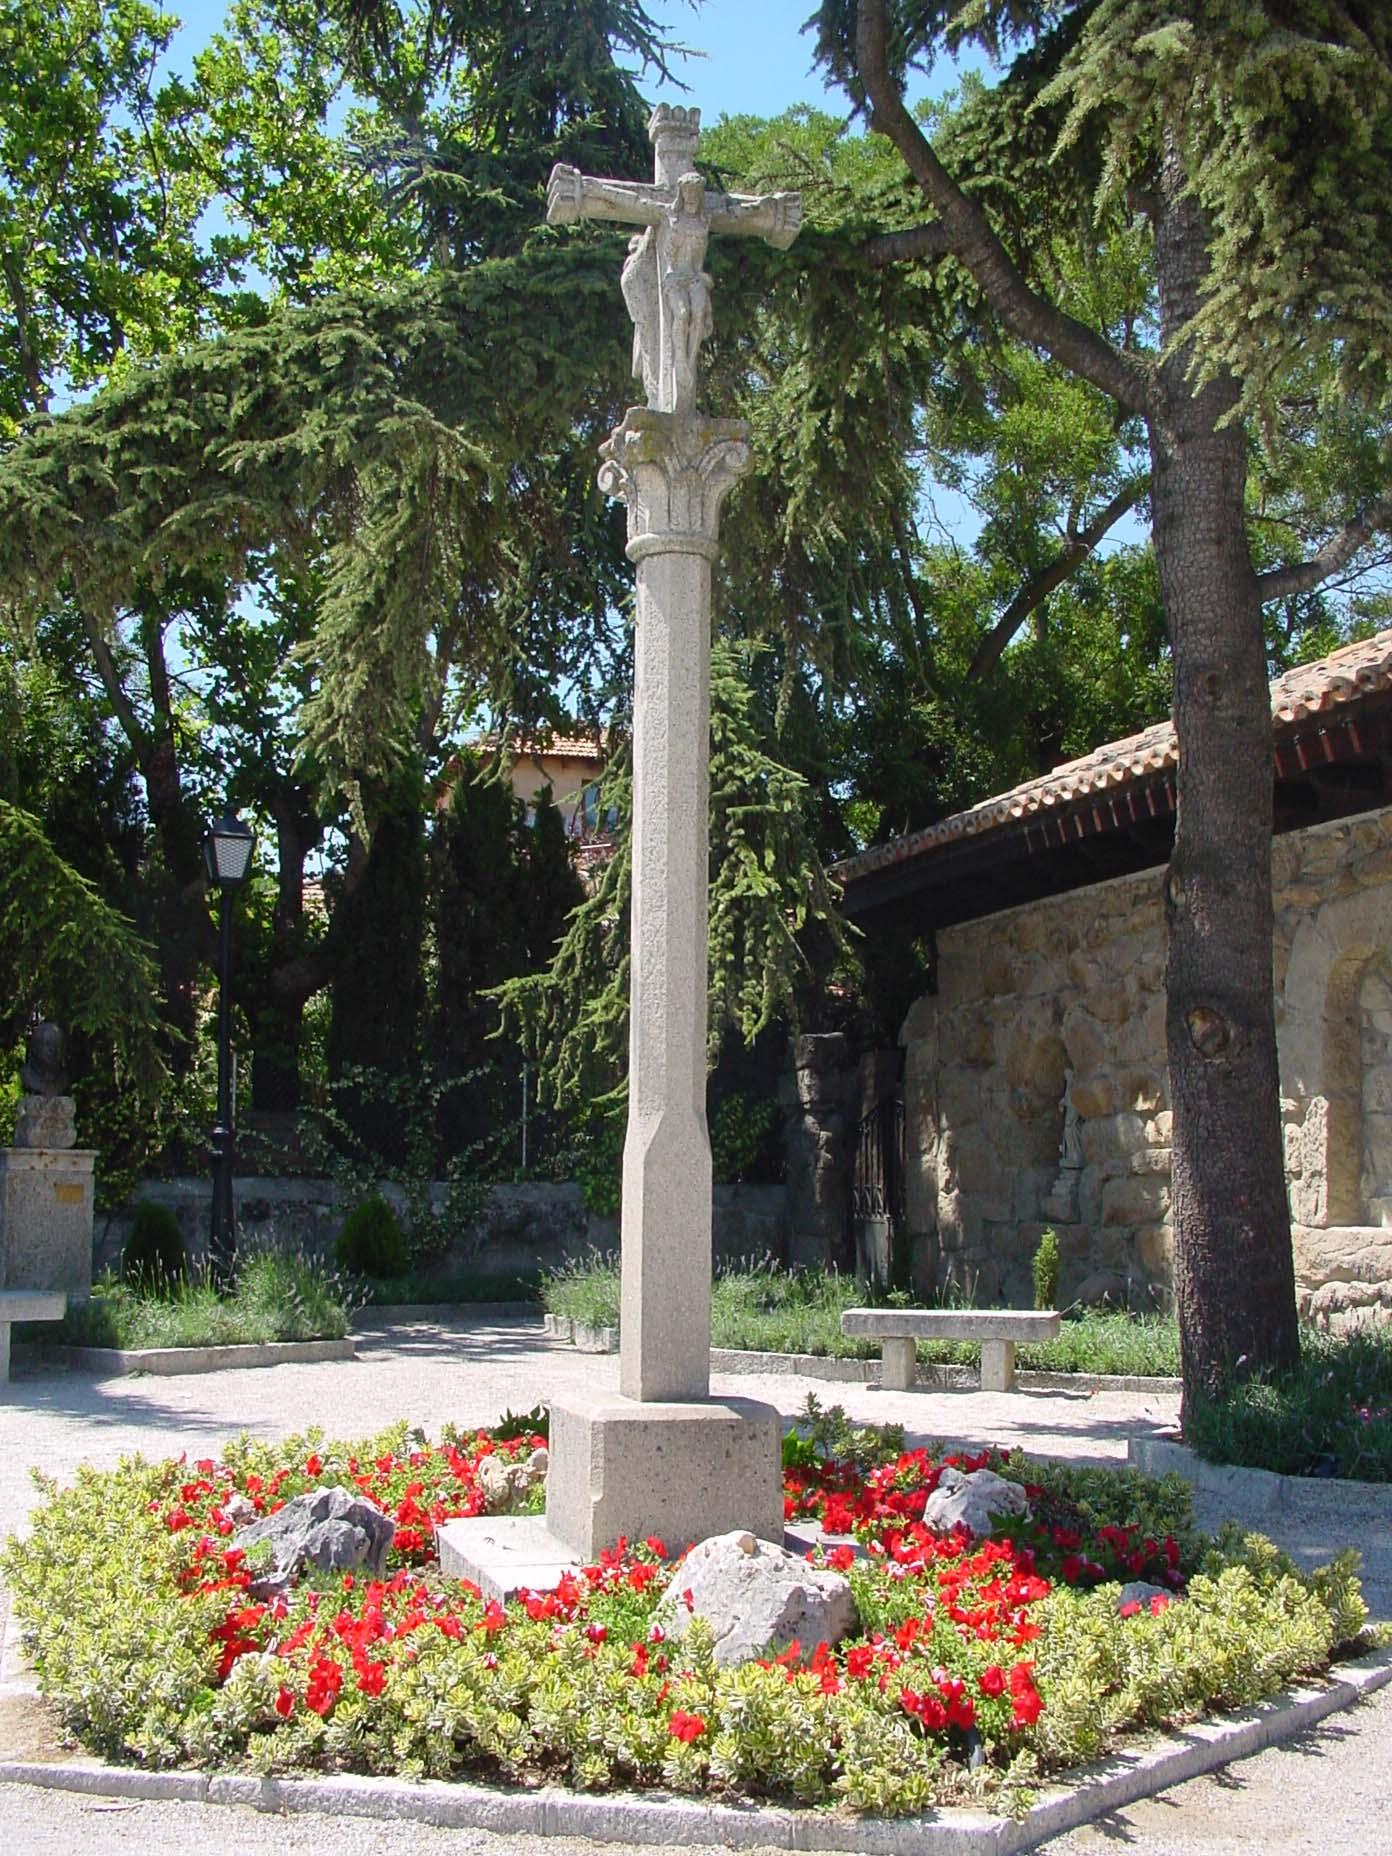 Monumento en forma de cruz en Torrelodones